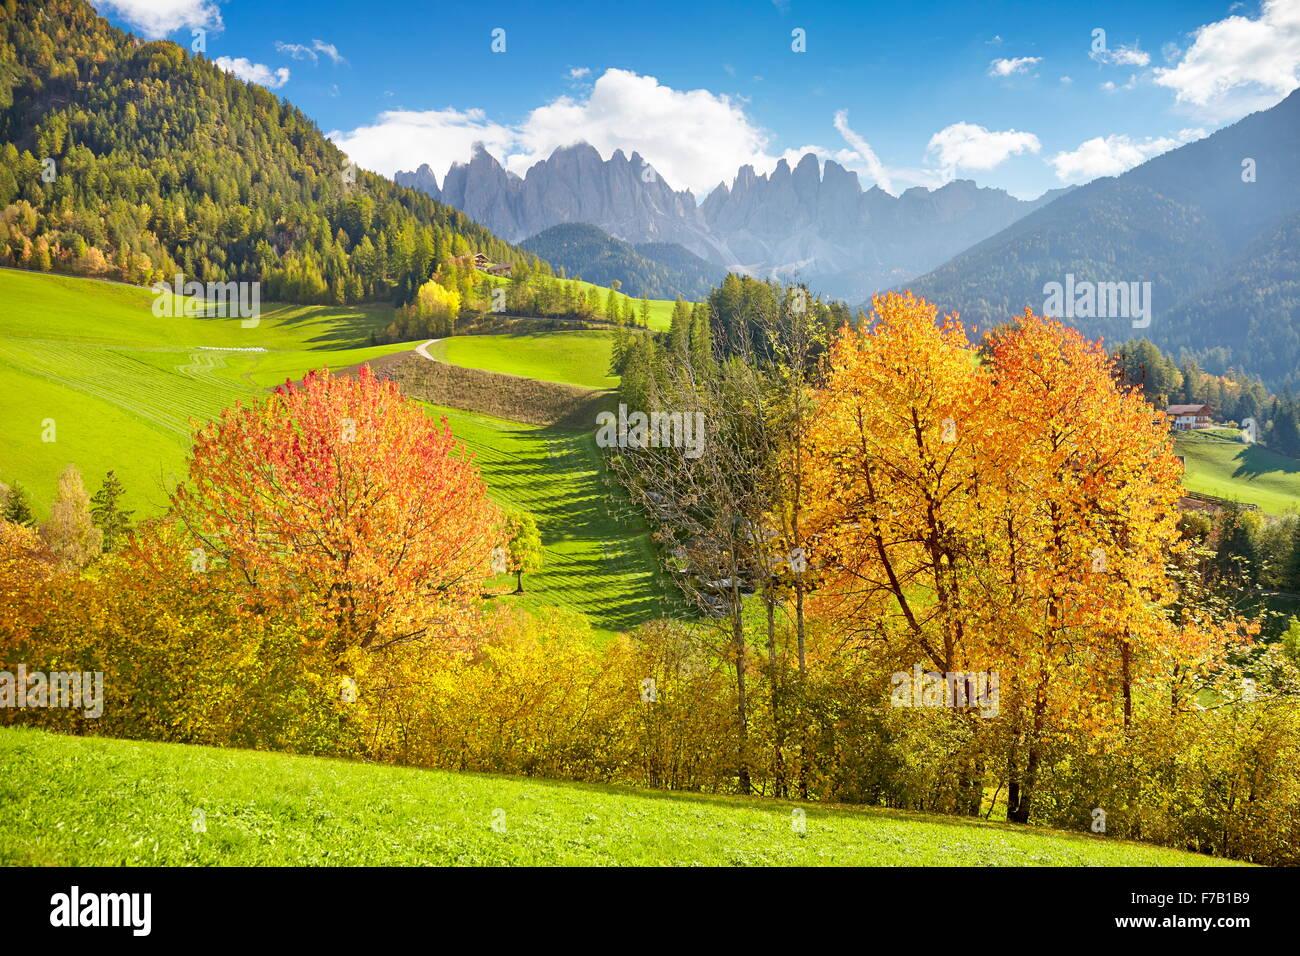 Val Di Funes en colores del otoño, las montañas Dolomitas, Tirol, Alpes, Italia Imagen De Stock